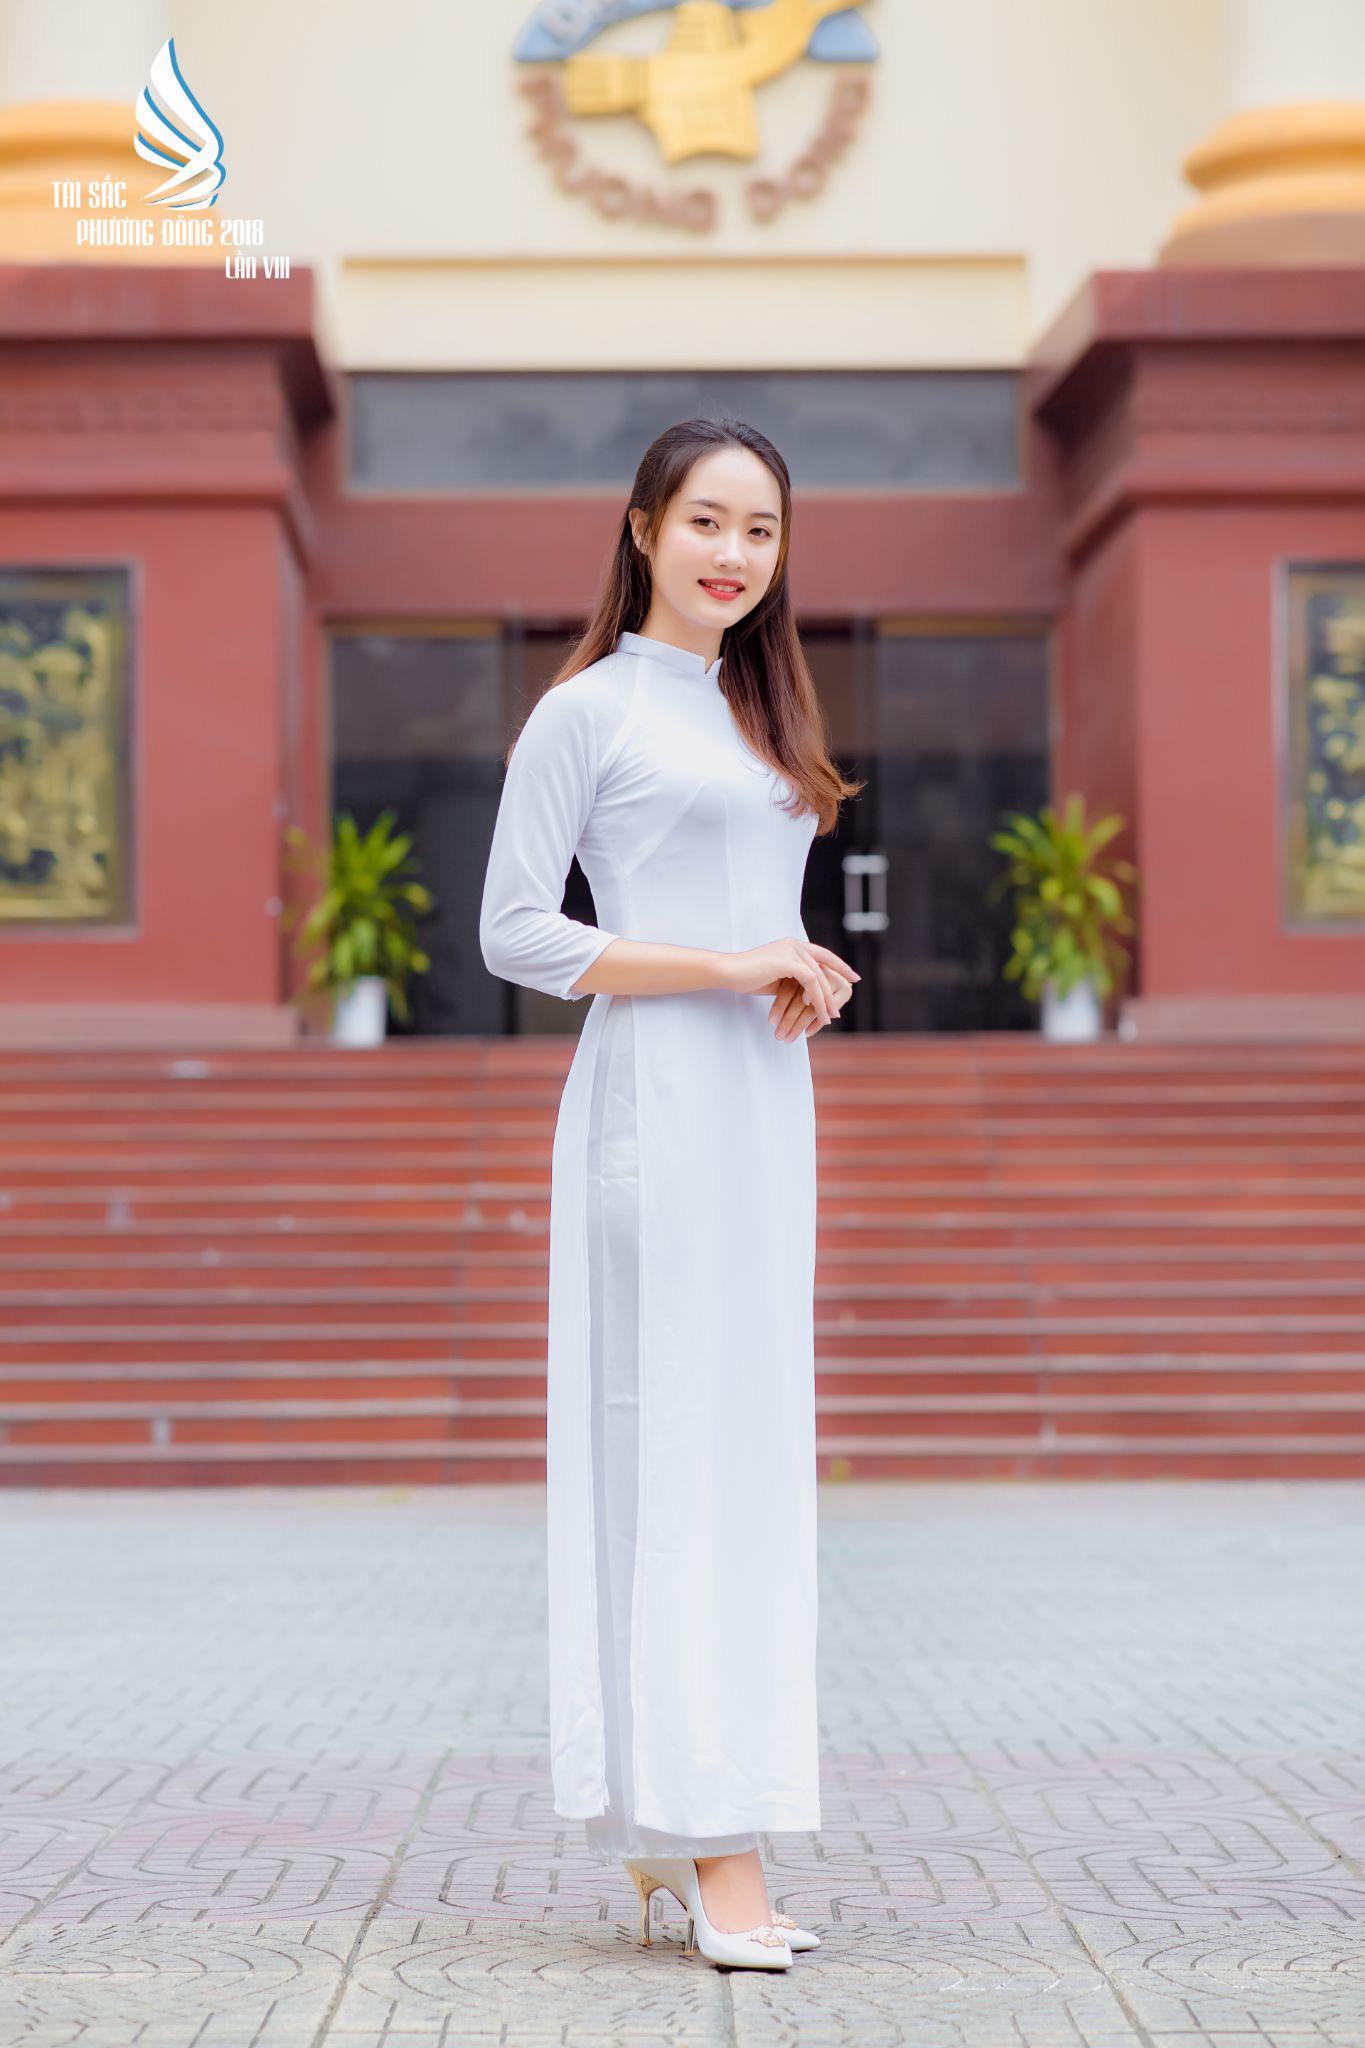 Gặp gỡ cô nàng Gen Z tài năng của Đại học Phương Đông hiện đang là gương mặt nổi bật tại Miss World Việt Nam 2021 - Ảnh 6.